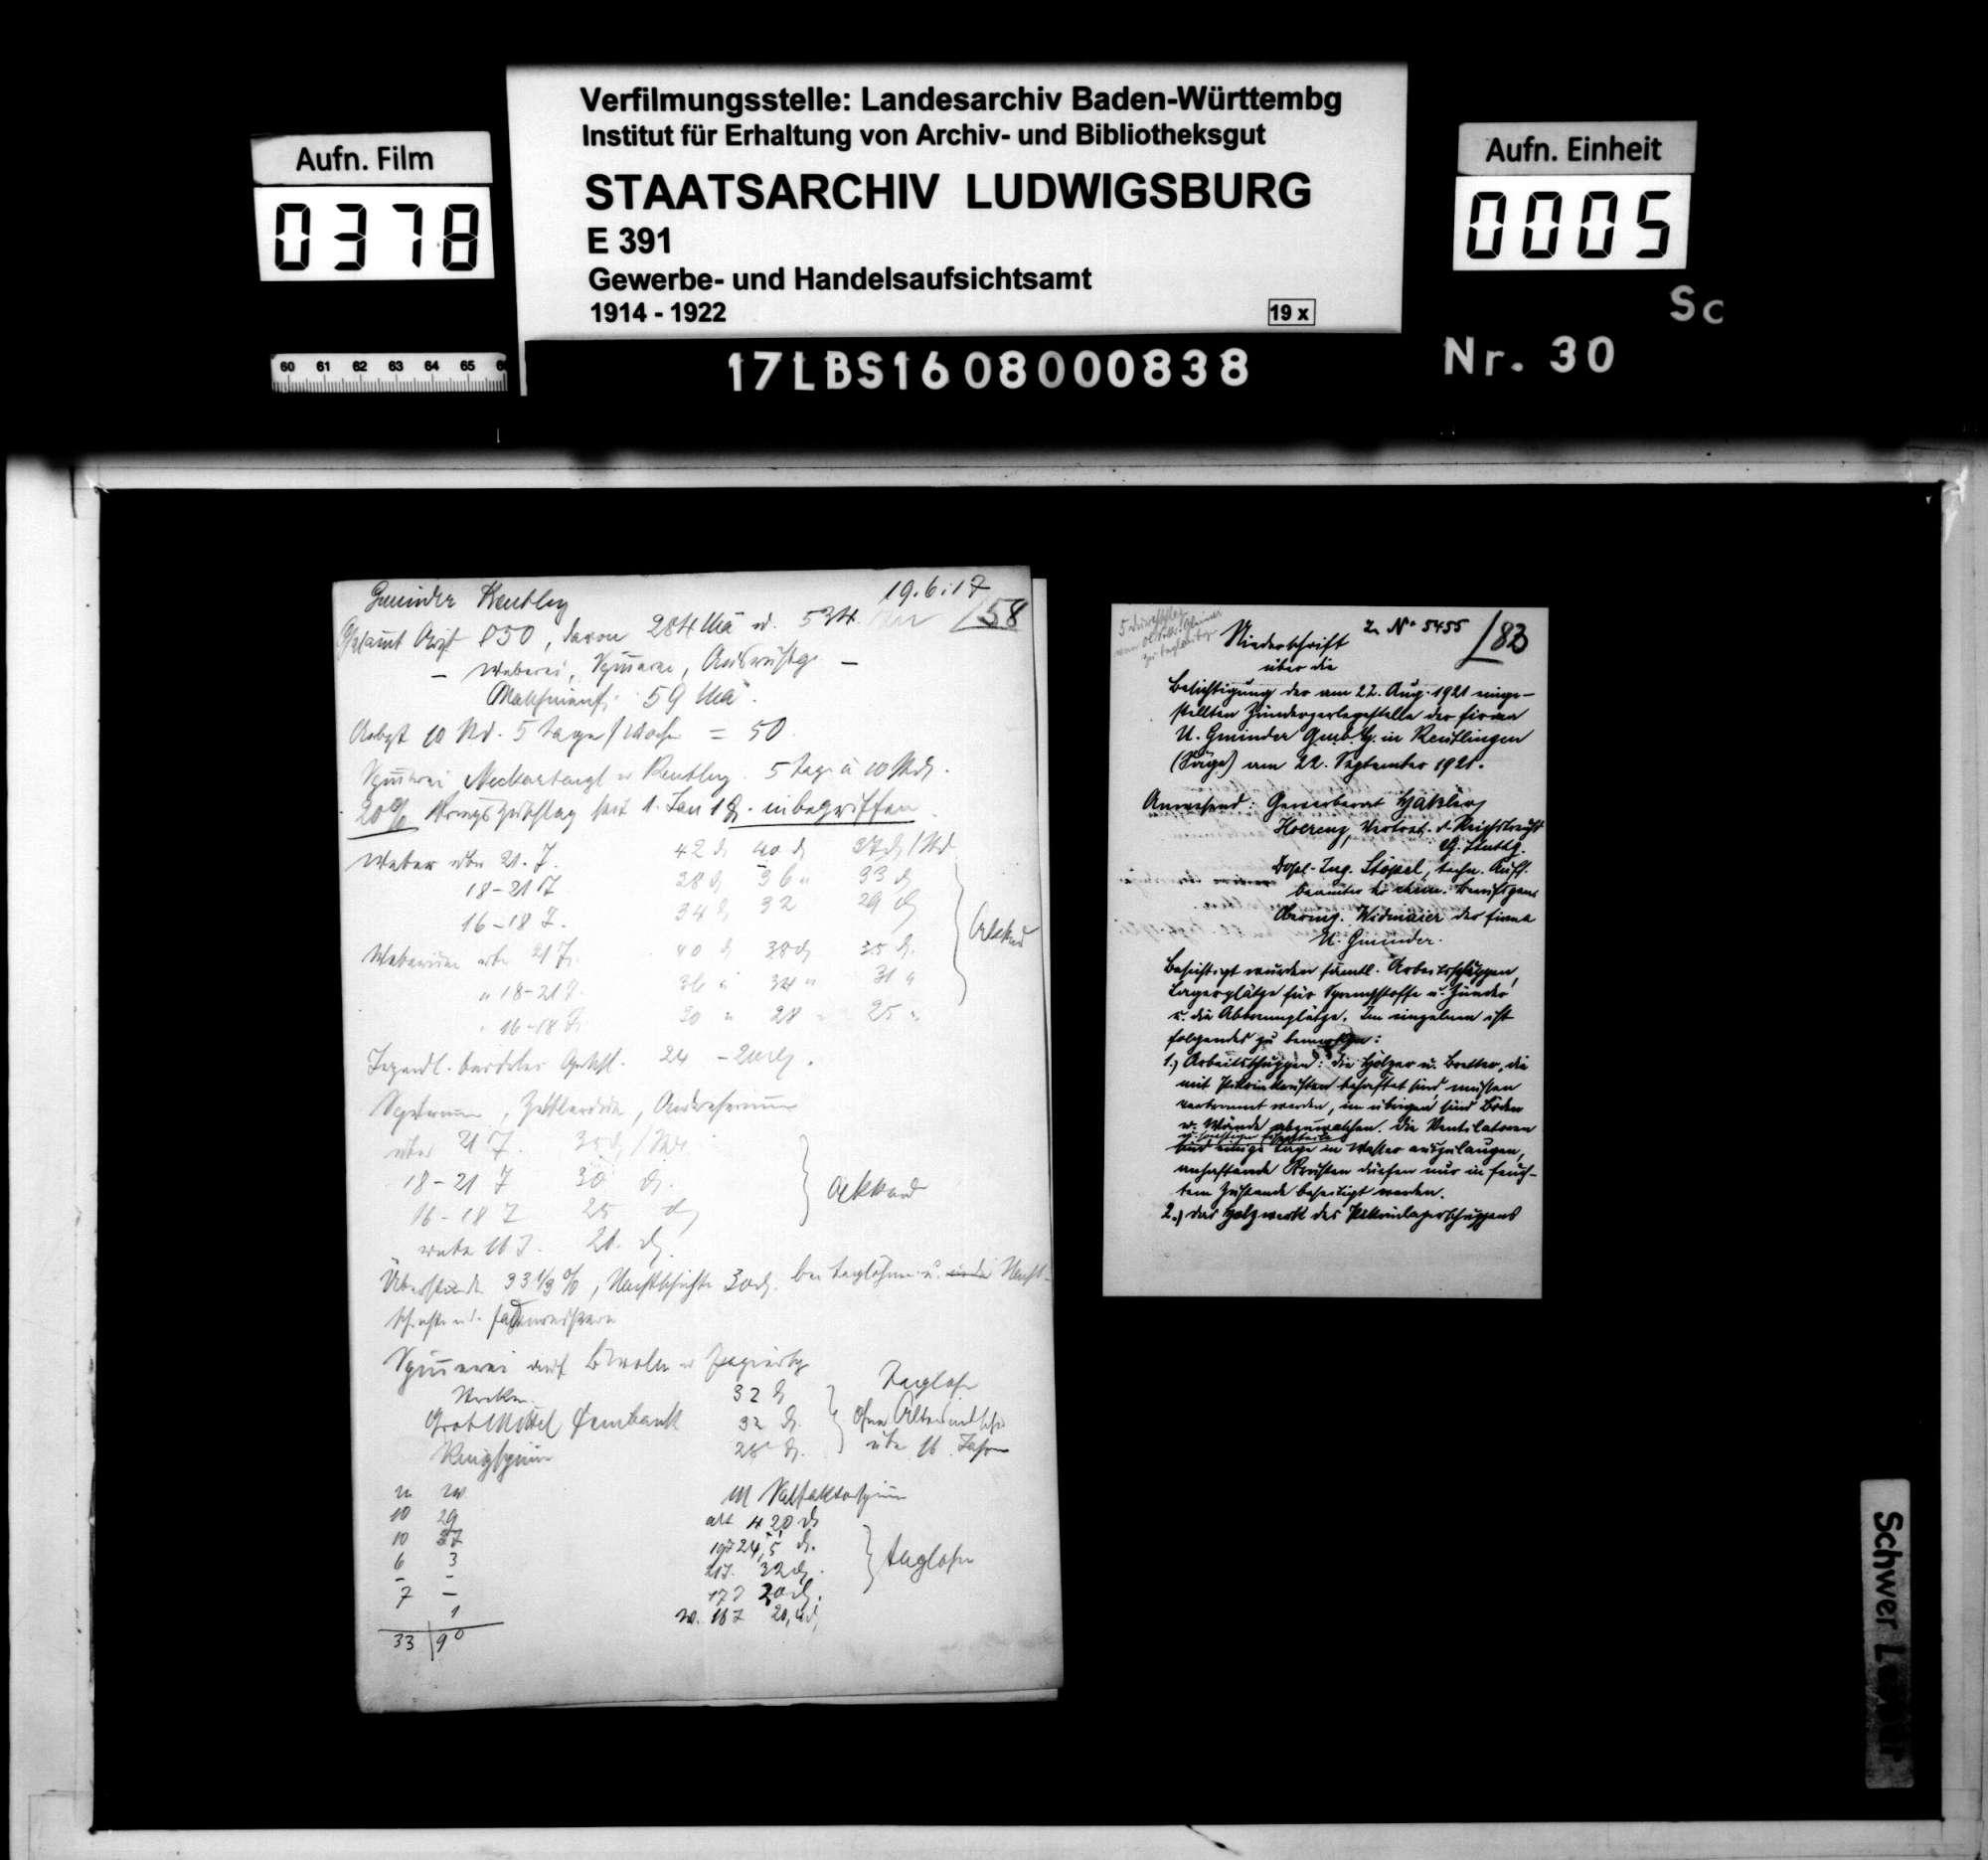 Ulrich Gminder, Reutlingen: Herstellung von Geschoßzündern und Zerlegung von solchen nach Schluß des Krieges, Bild 3